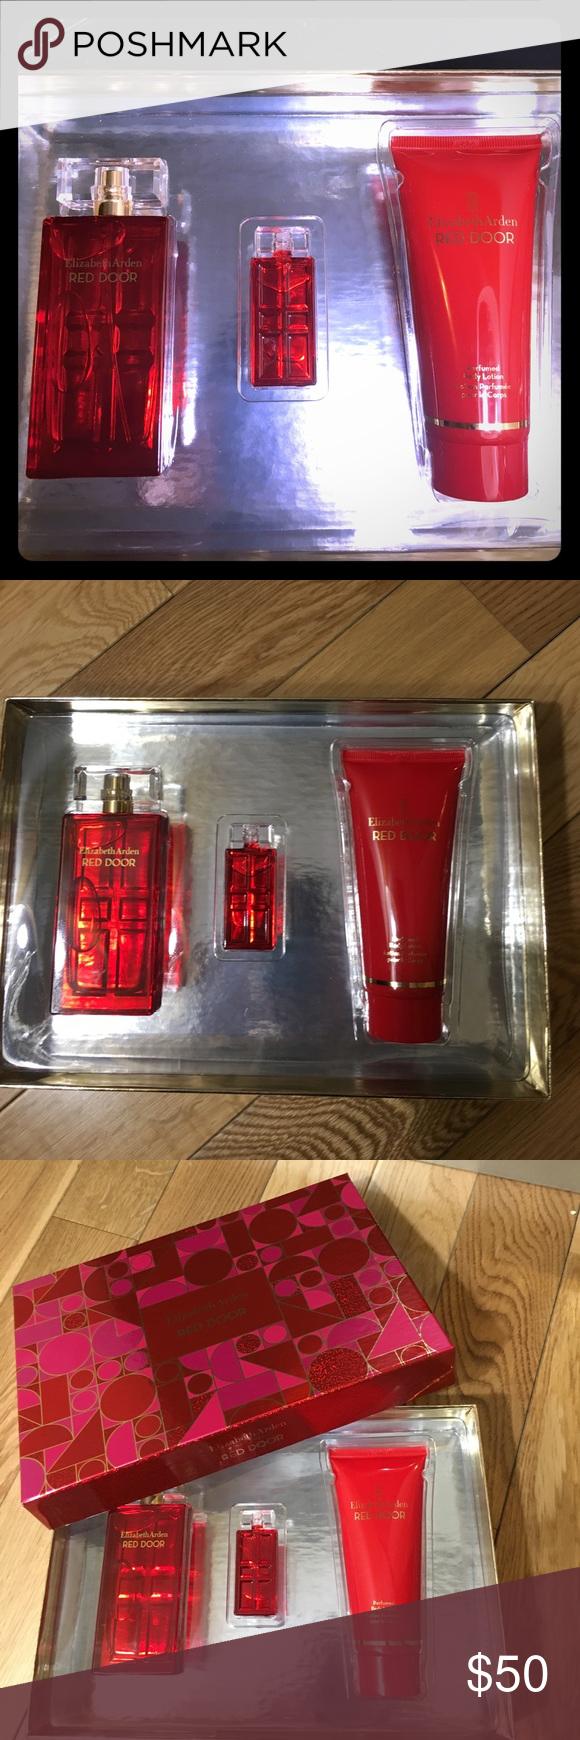 Elizabeth Arden Red Door Perfume Set 50 Brand New In Beautiful Red